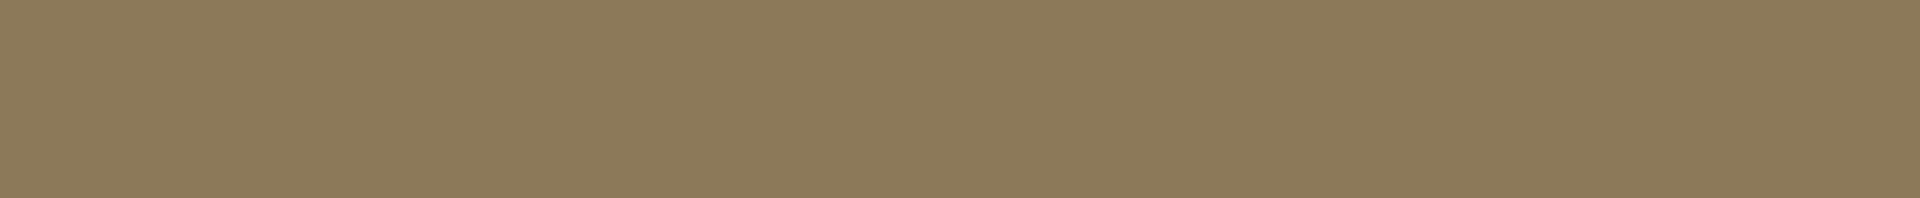 ibis-salumi